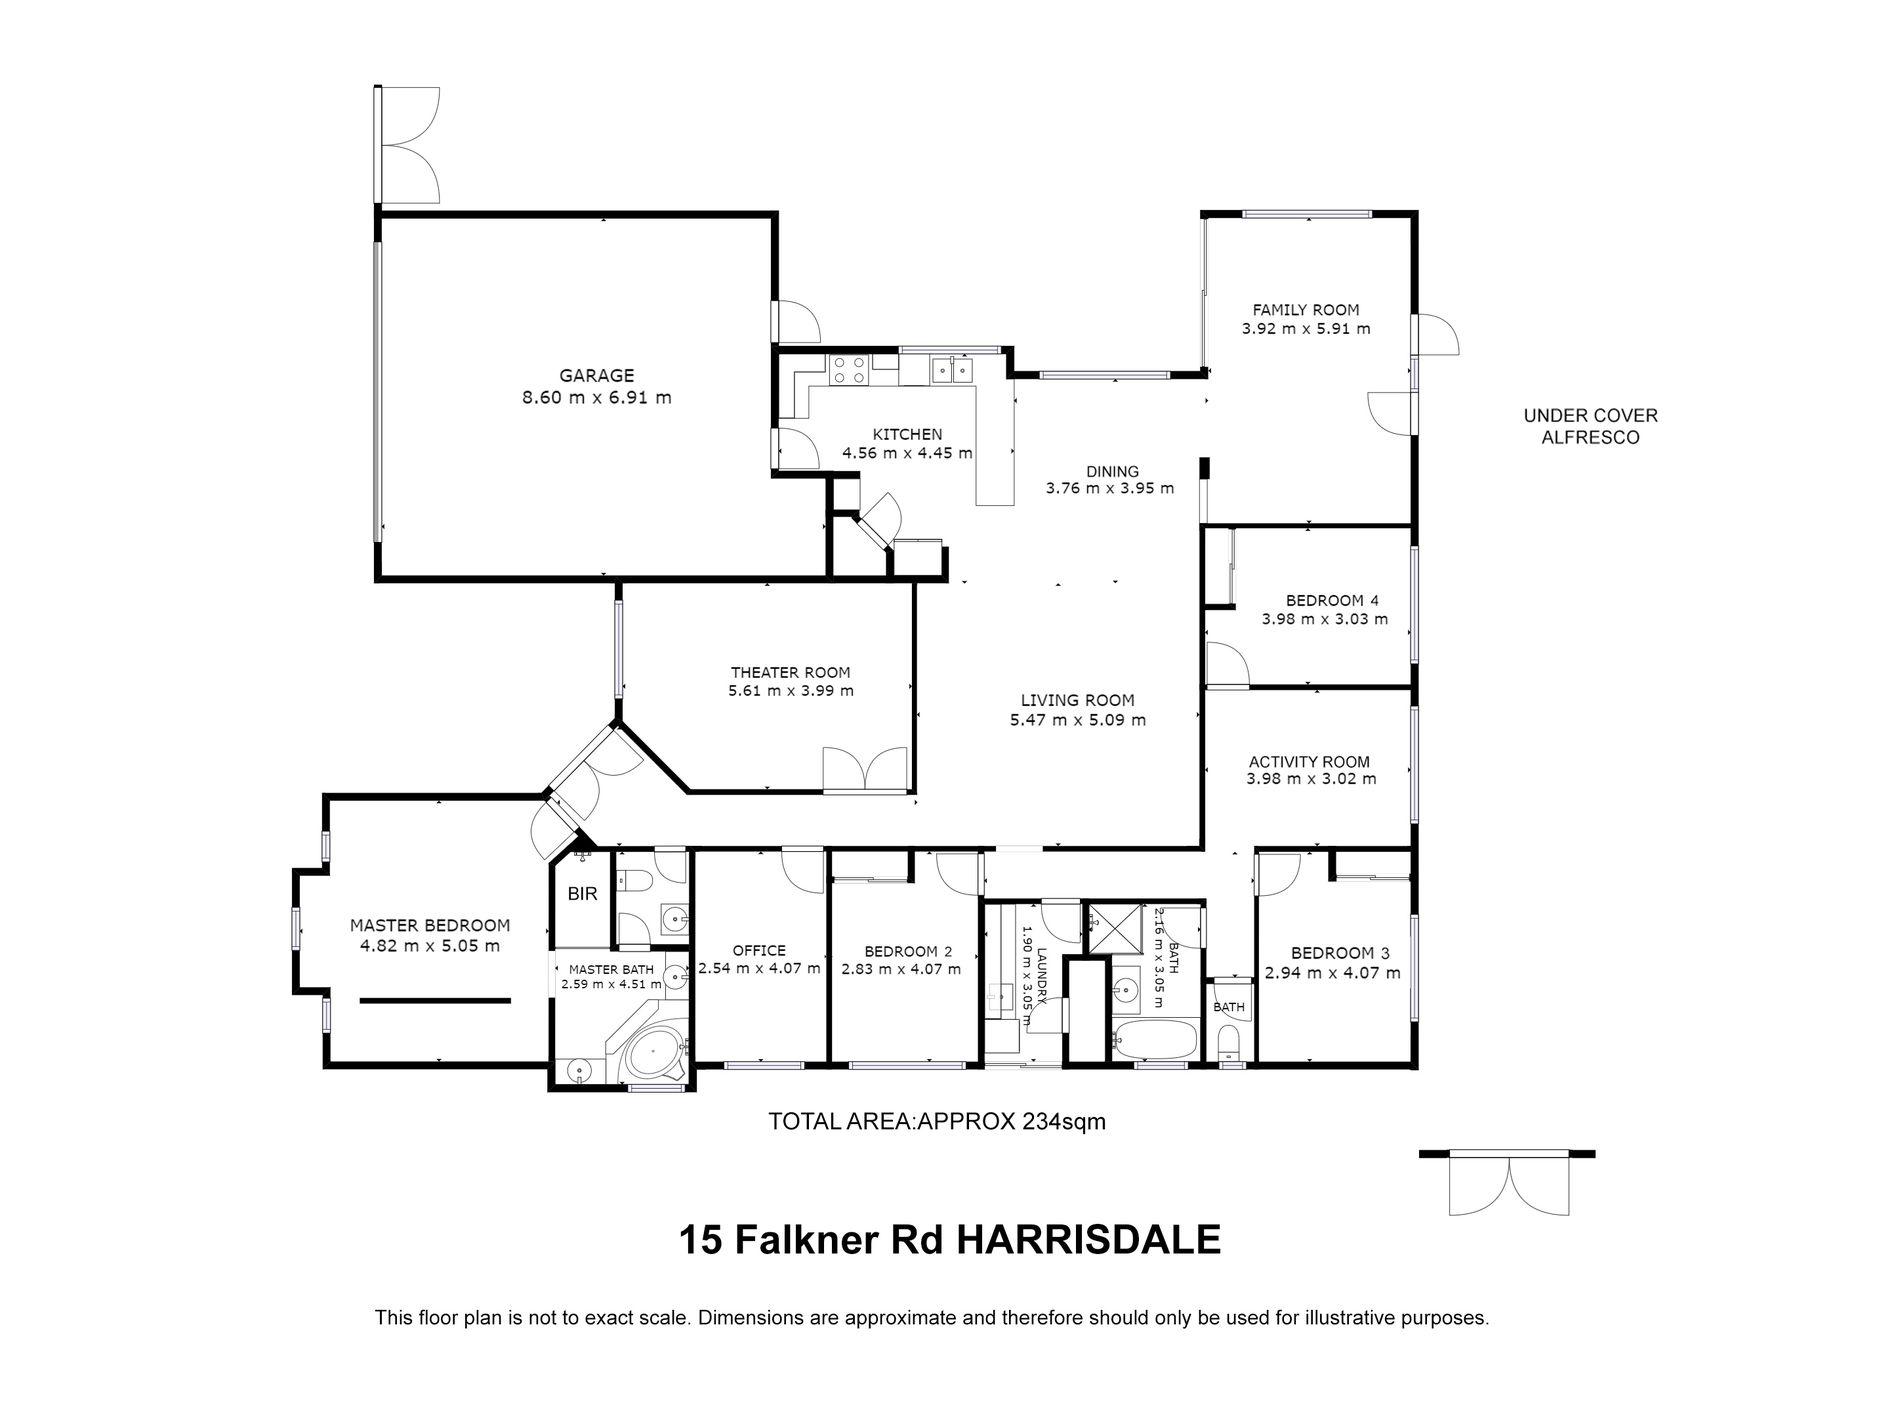 15 Falkner Road, Harrisdale